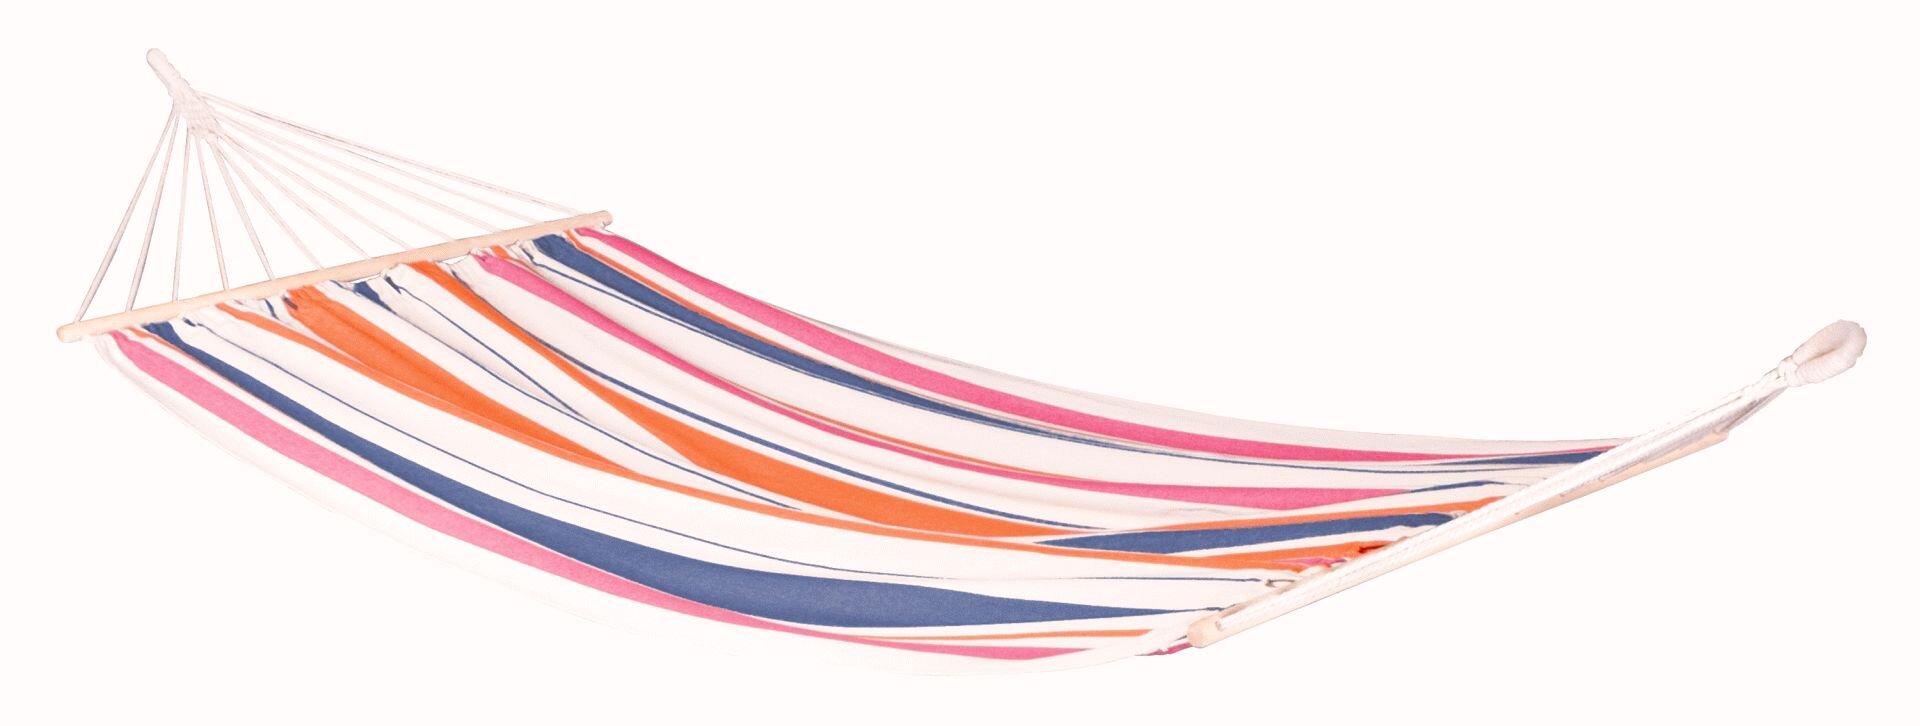 Houpací síť s tyčemi CHILLOUNGE® Single